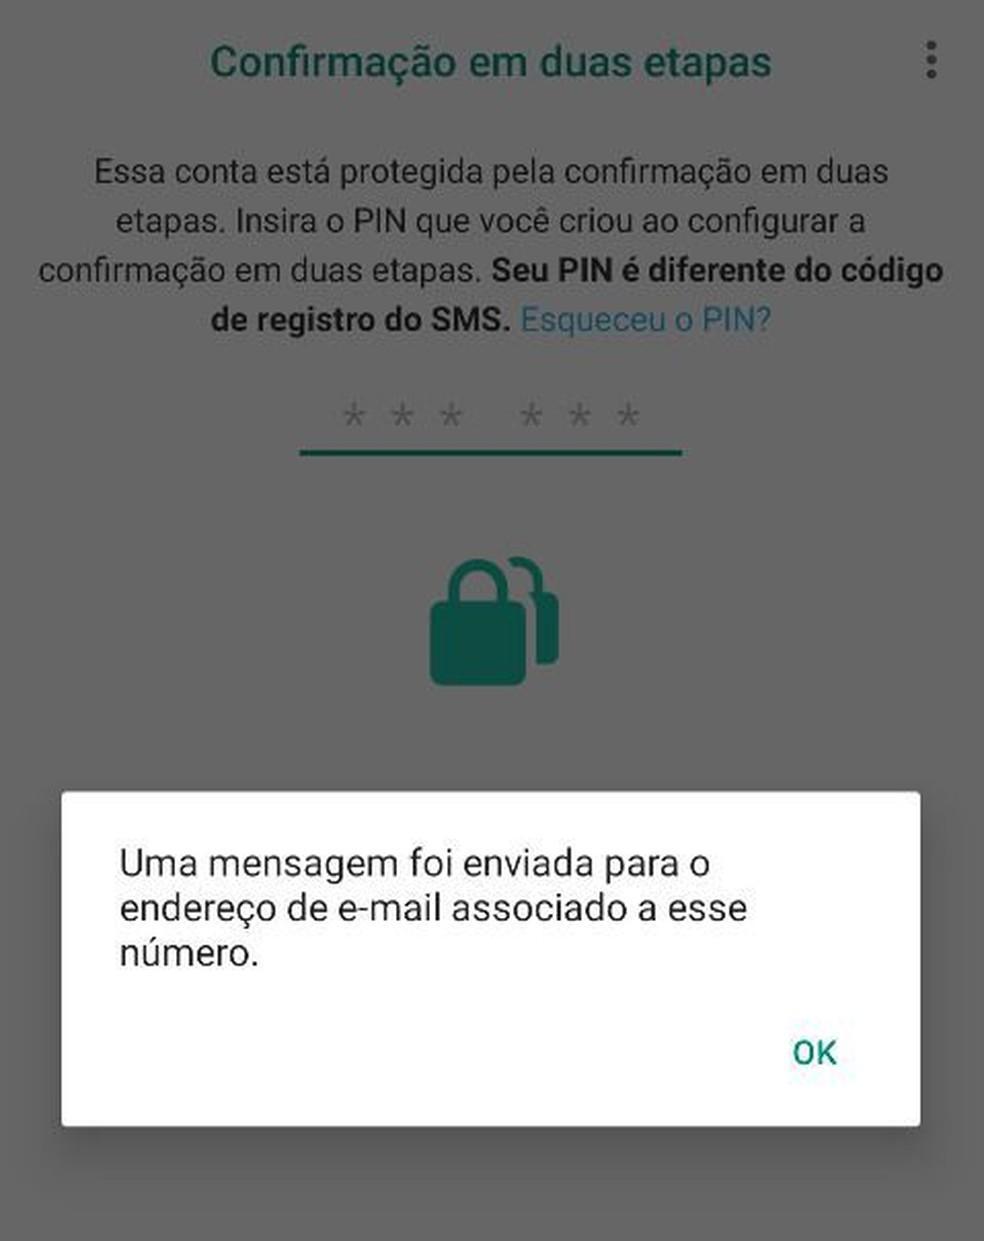 Novo golpe do WhatsApp clonado rouba senha da verificação em duas etapas